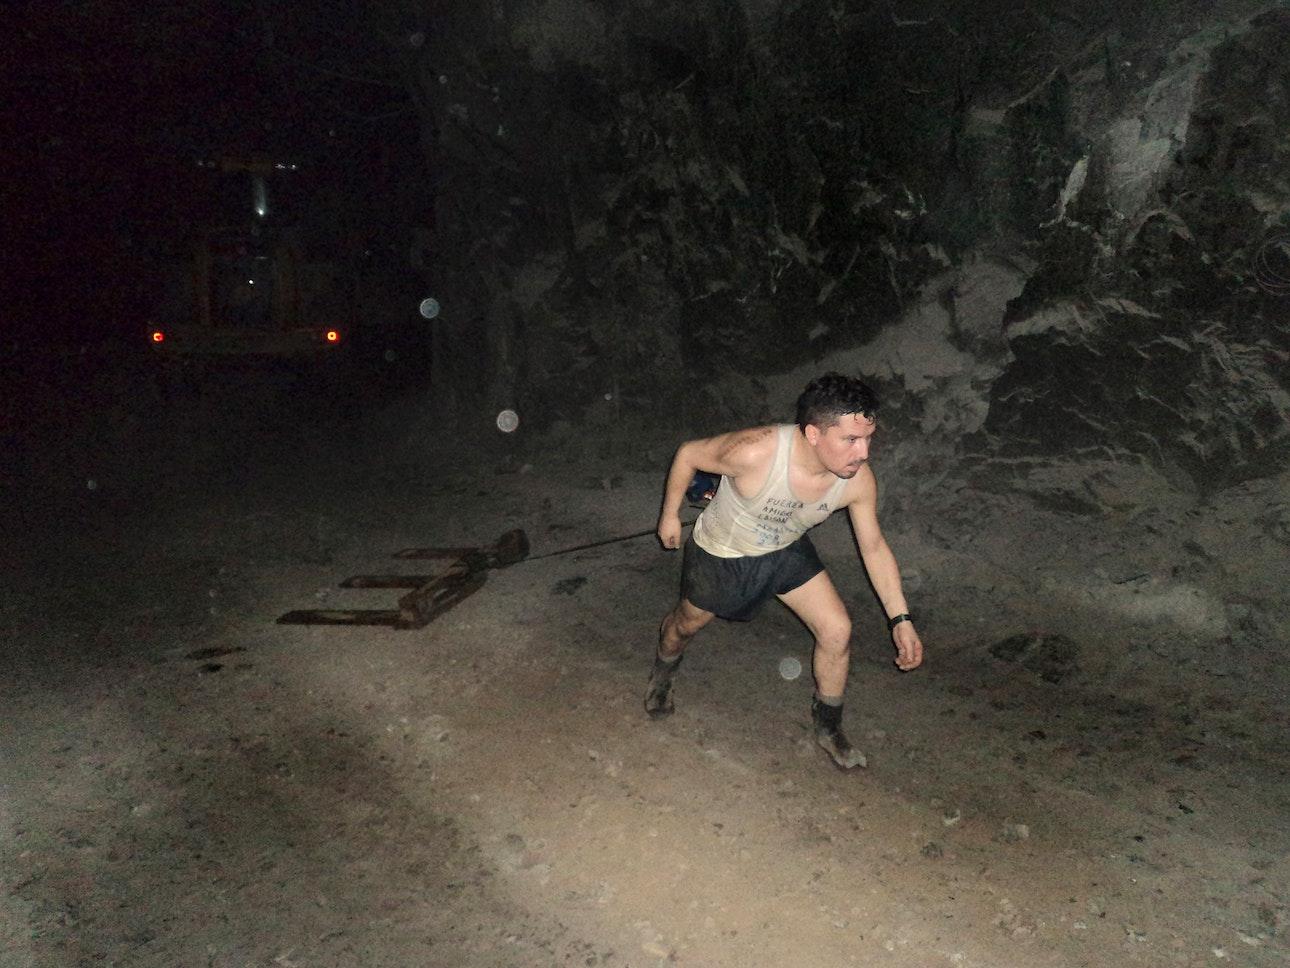 chilian_runner_11